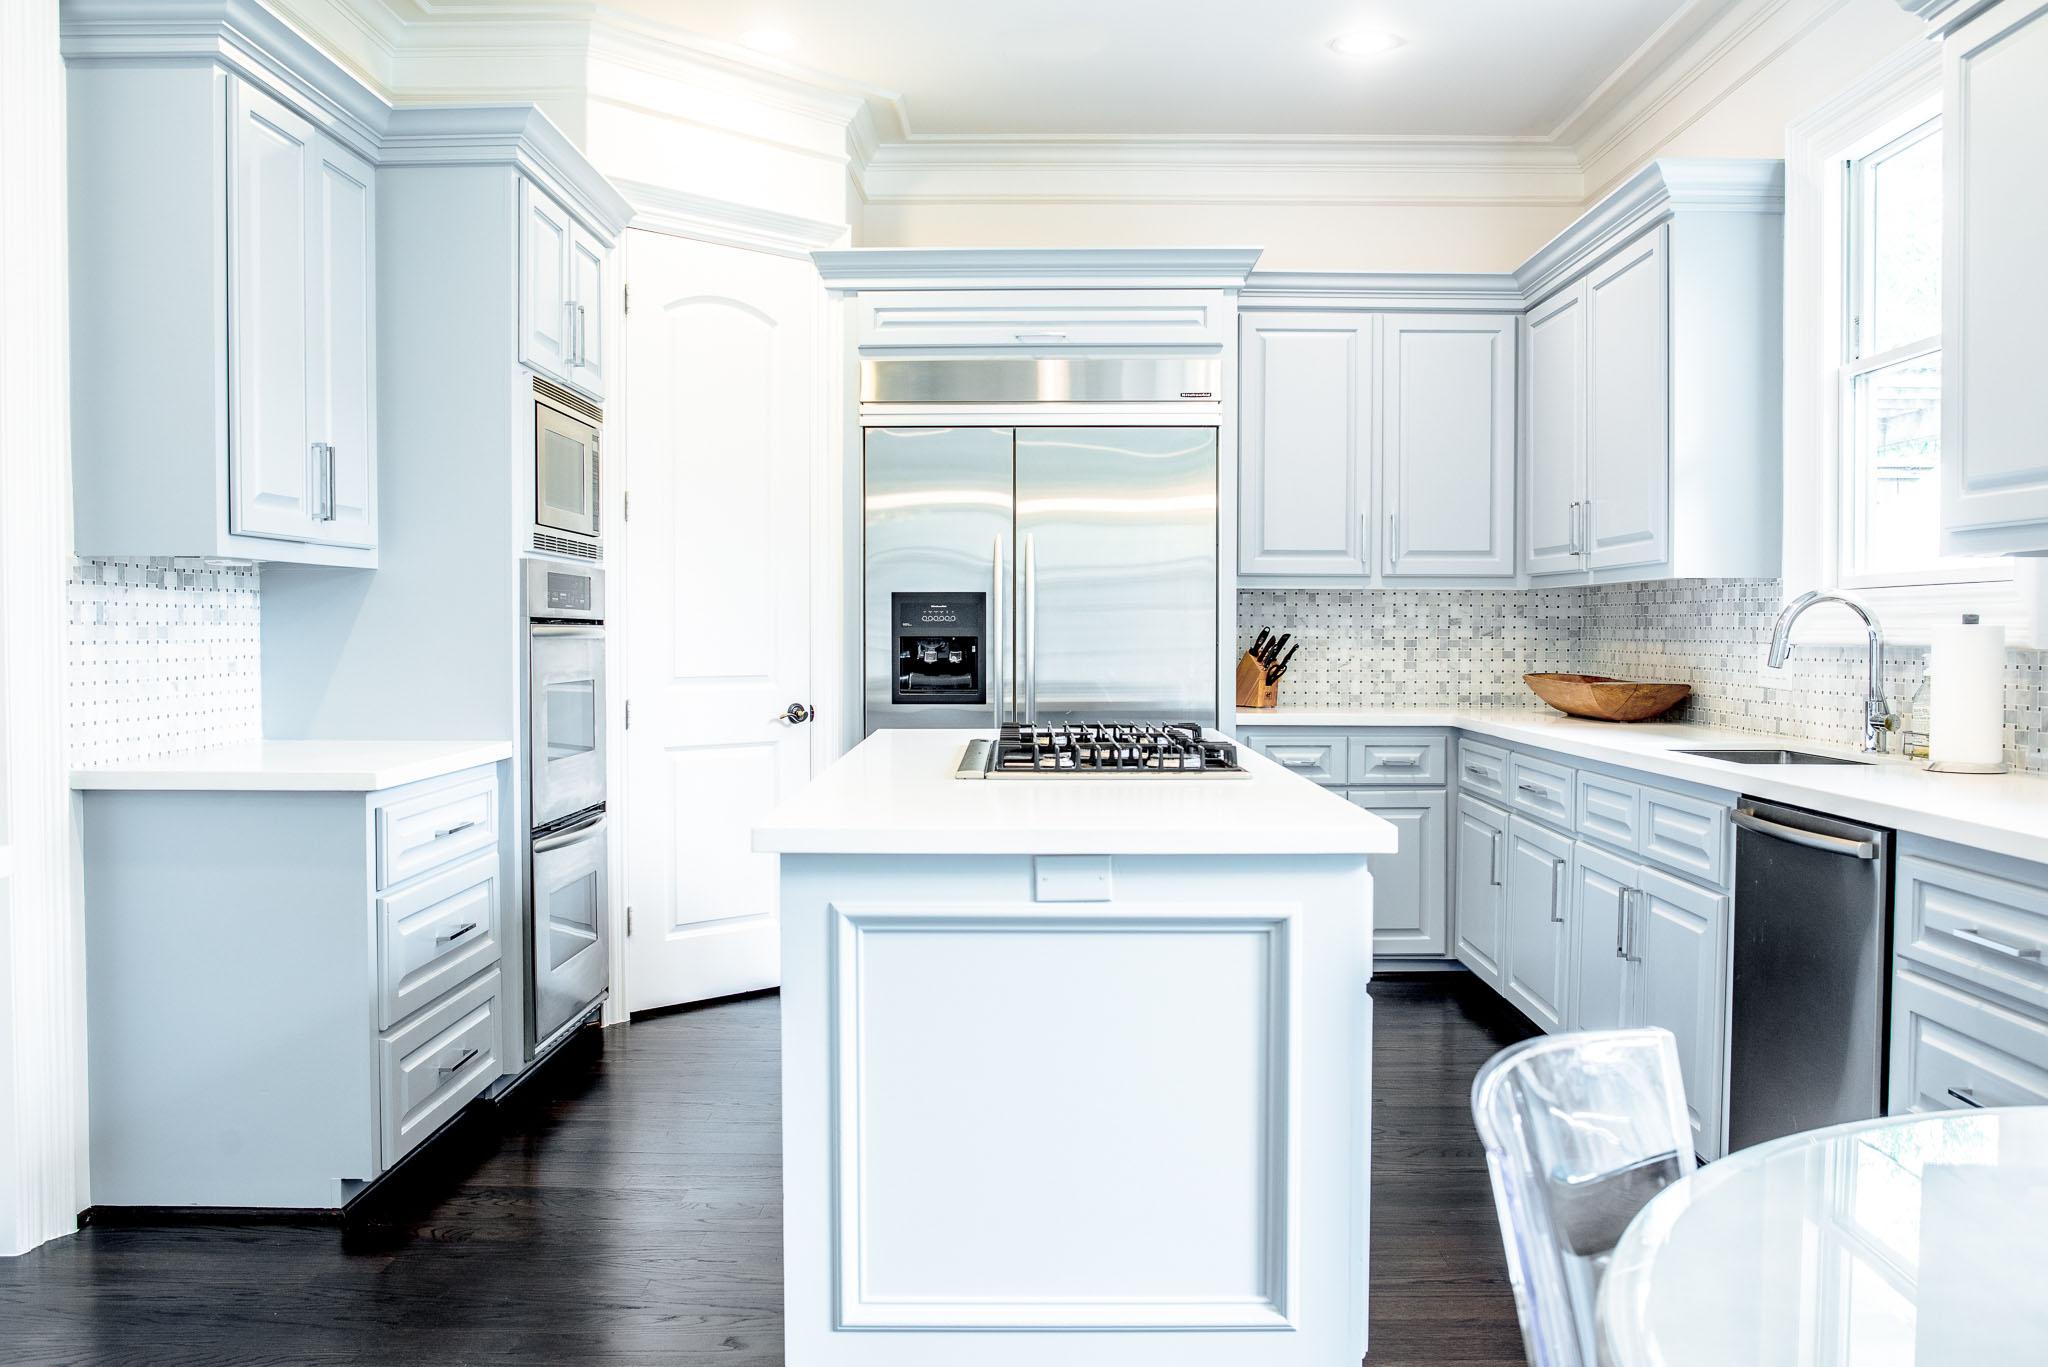 sewannee kitchen 2.jpg